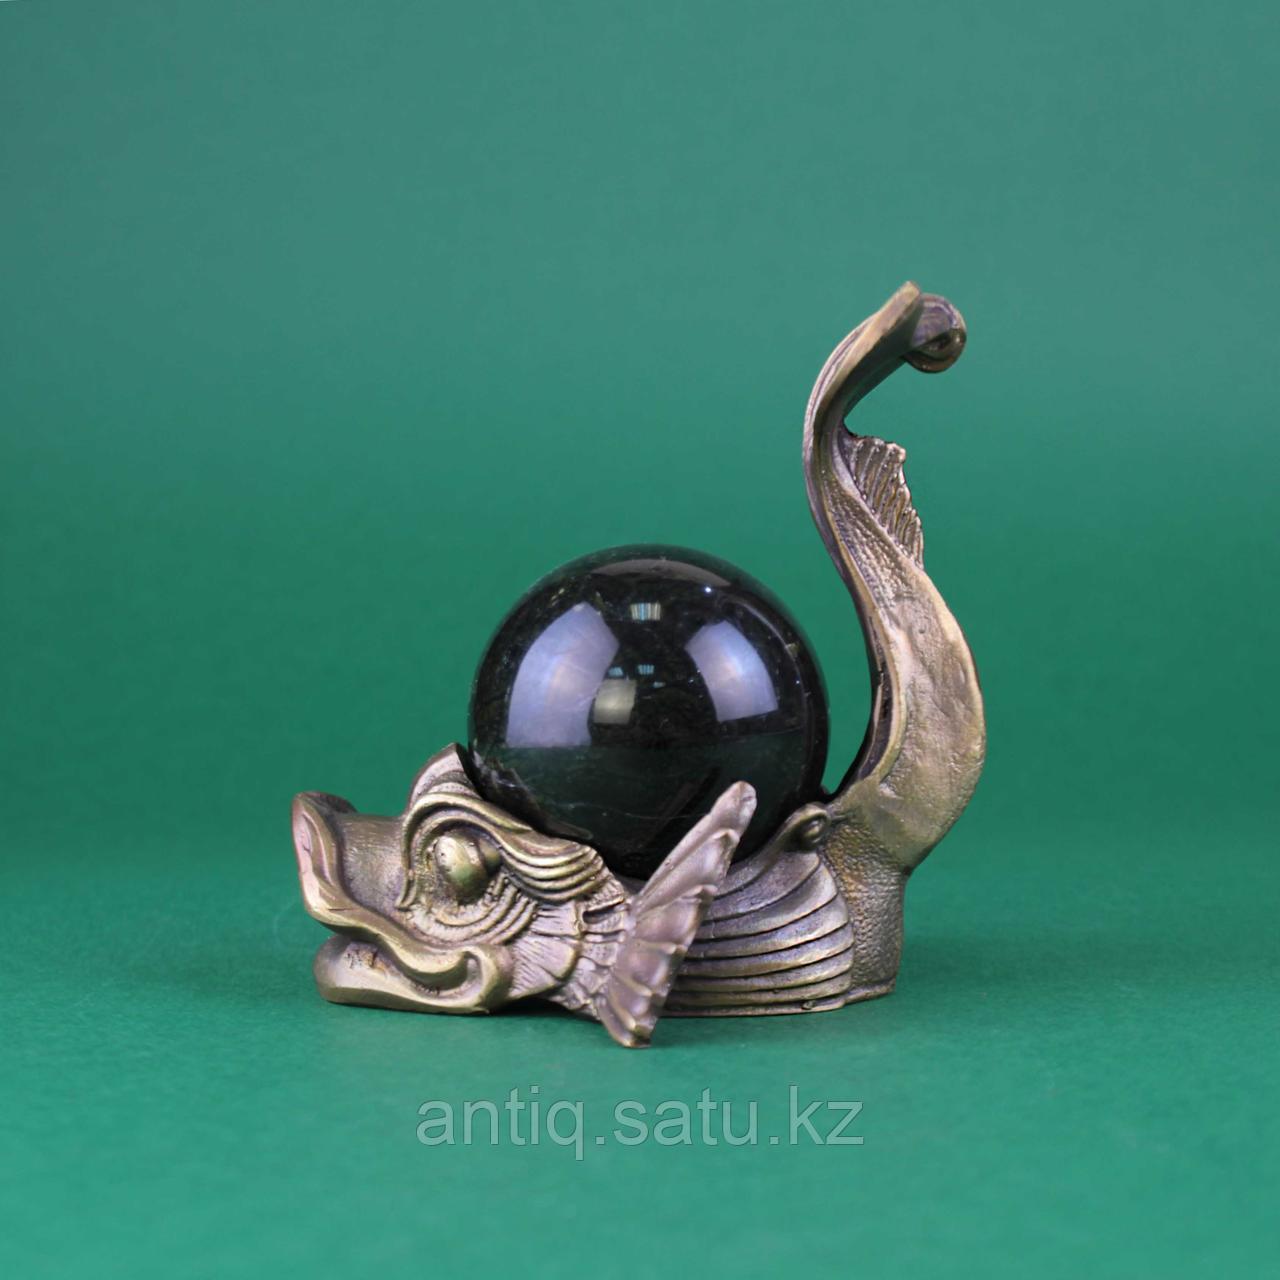 Рыба с шаром из камня. Бронза, литье, шар из натурального камня темно зеленого цвета. - фото 5